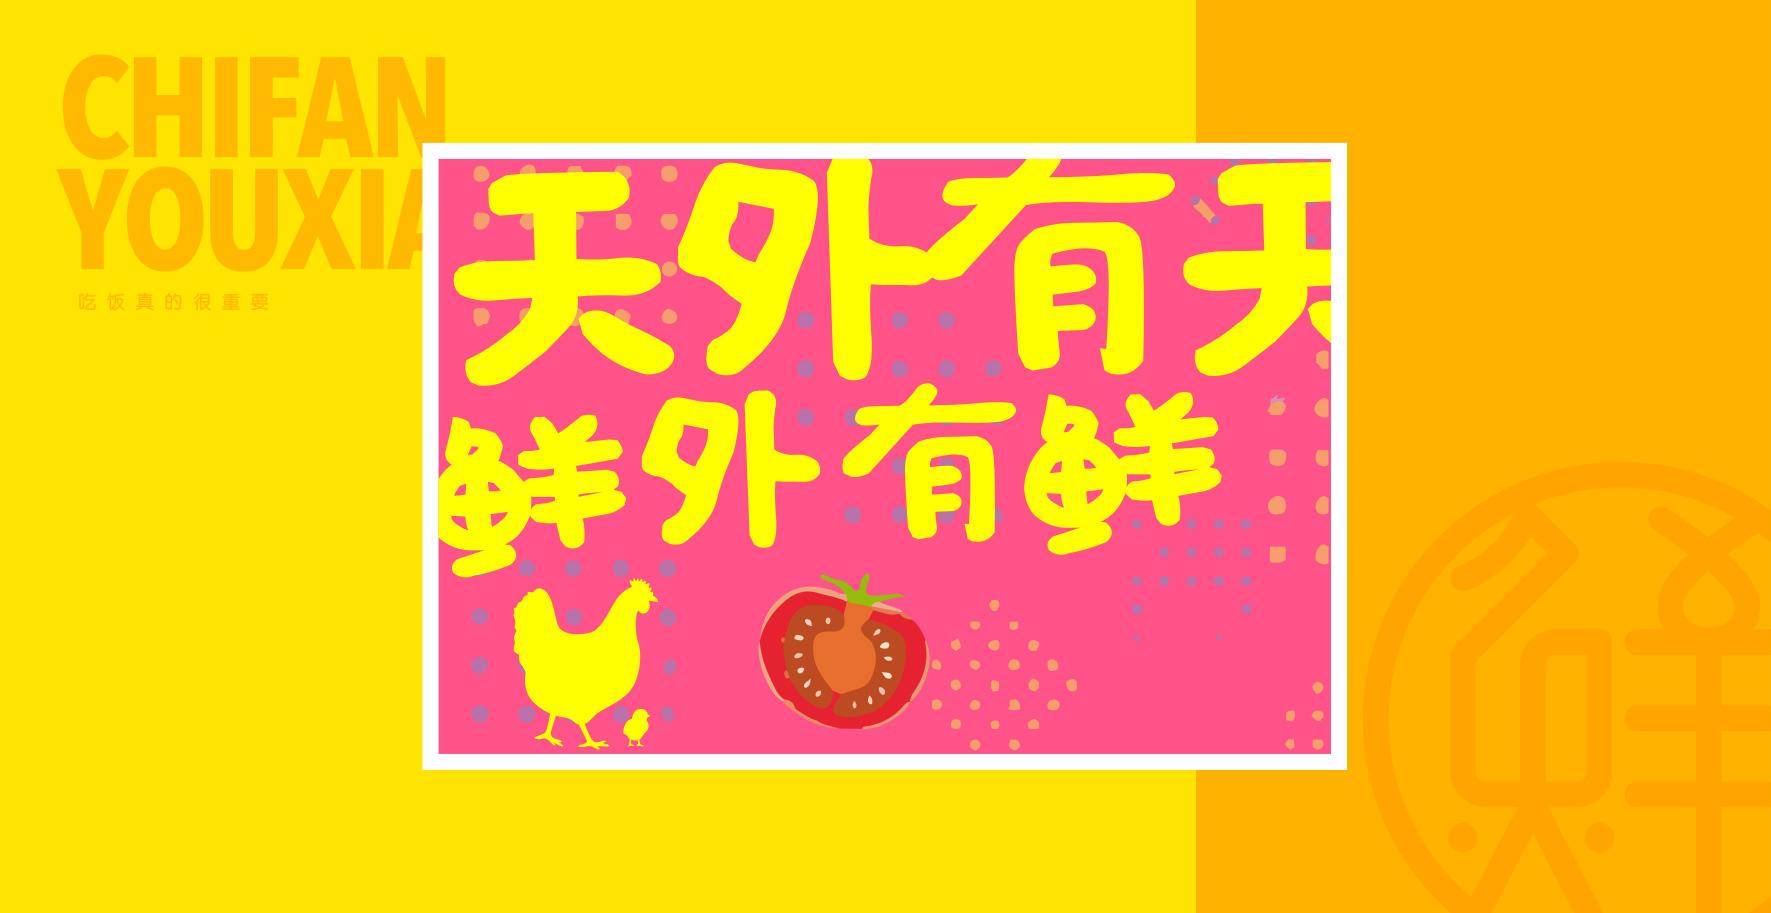 6(吃饭优鲜)